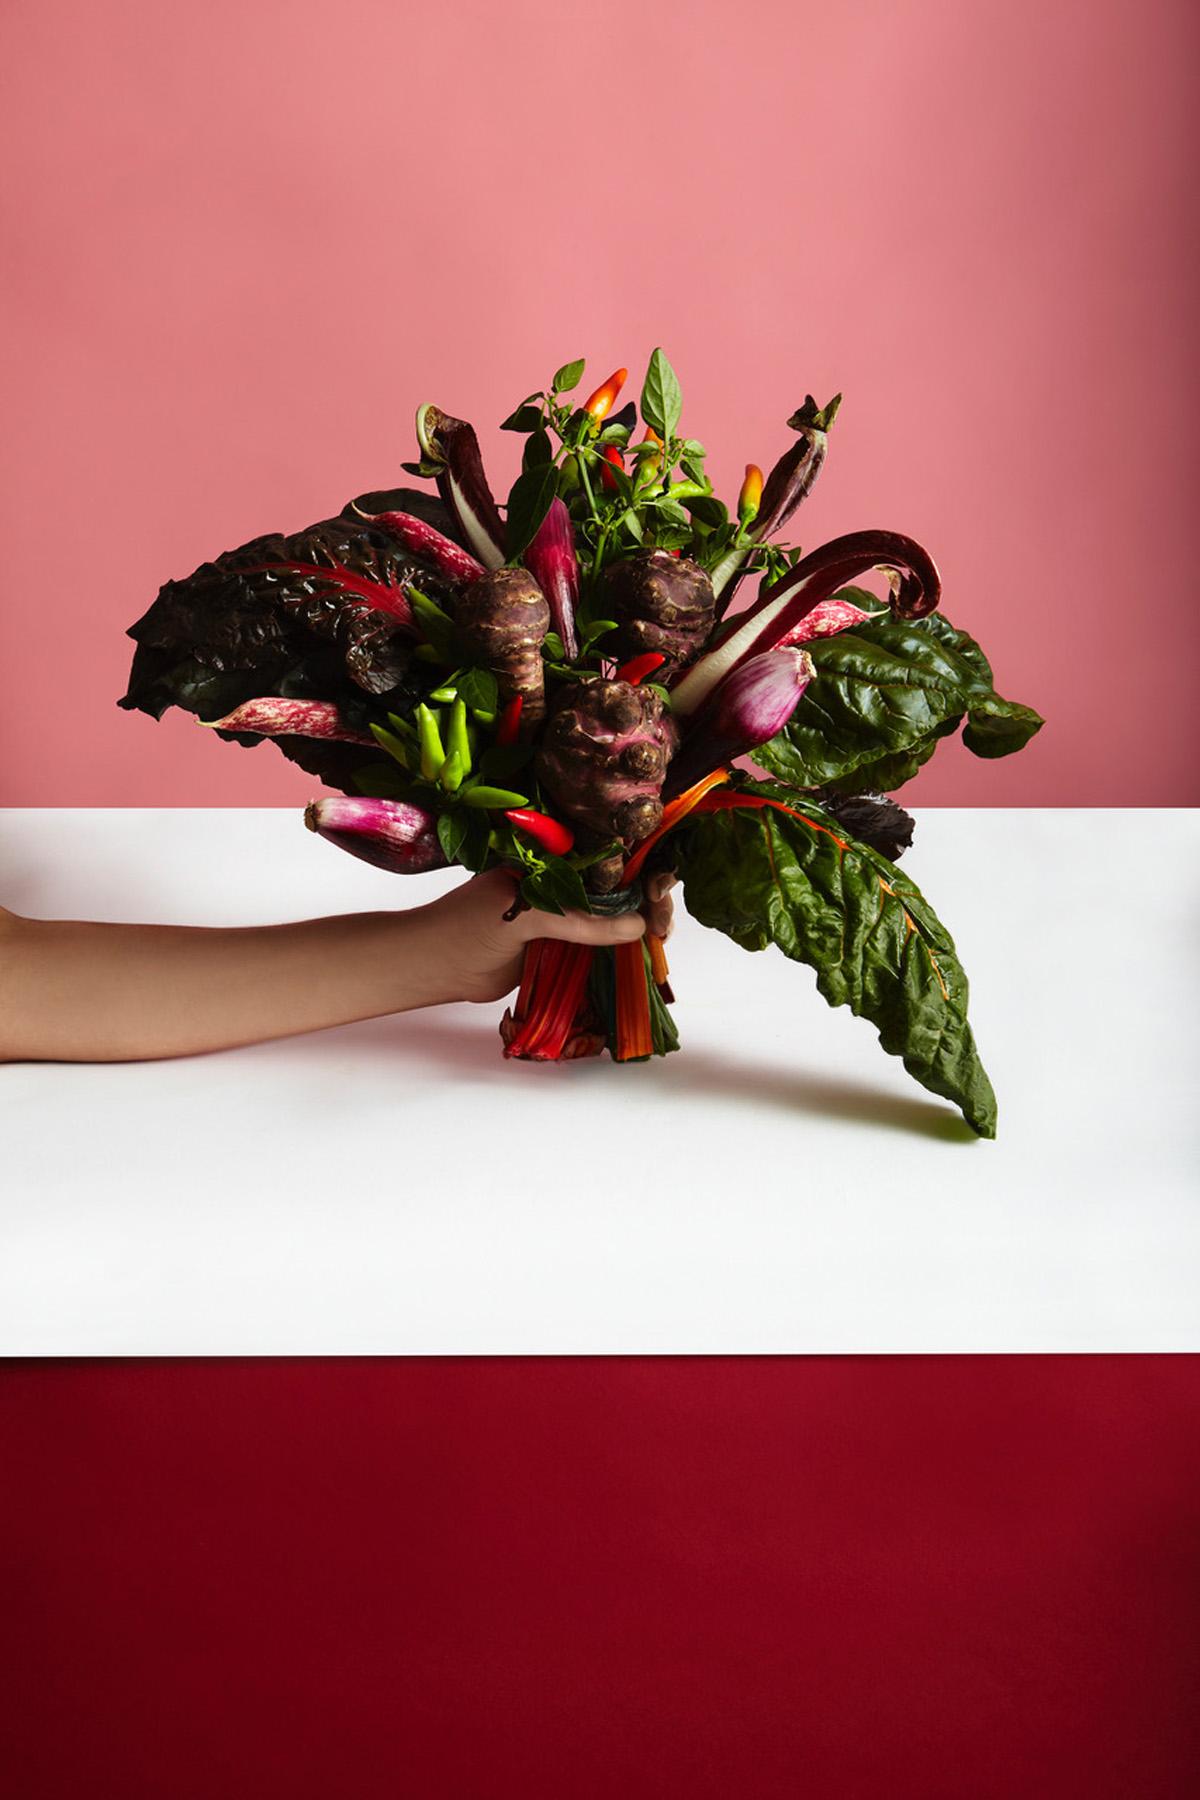 10-icon-artist-management-katie-hammond-food-wild_and_red_222_ret_flat.jpg